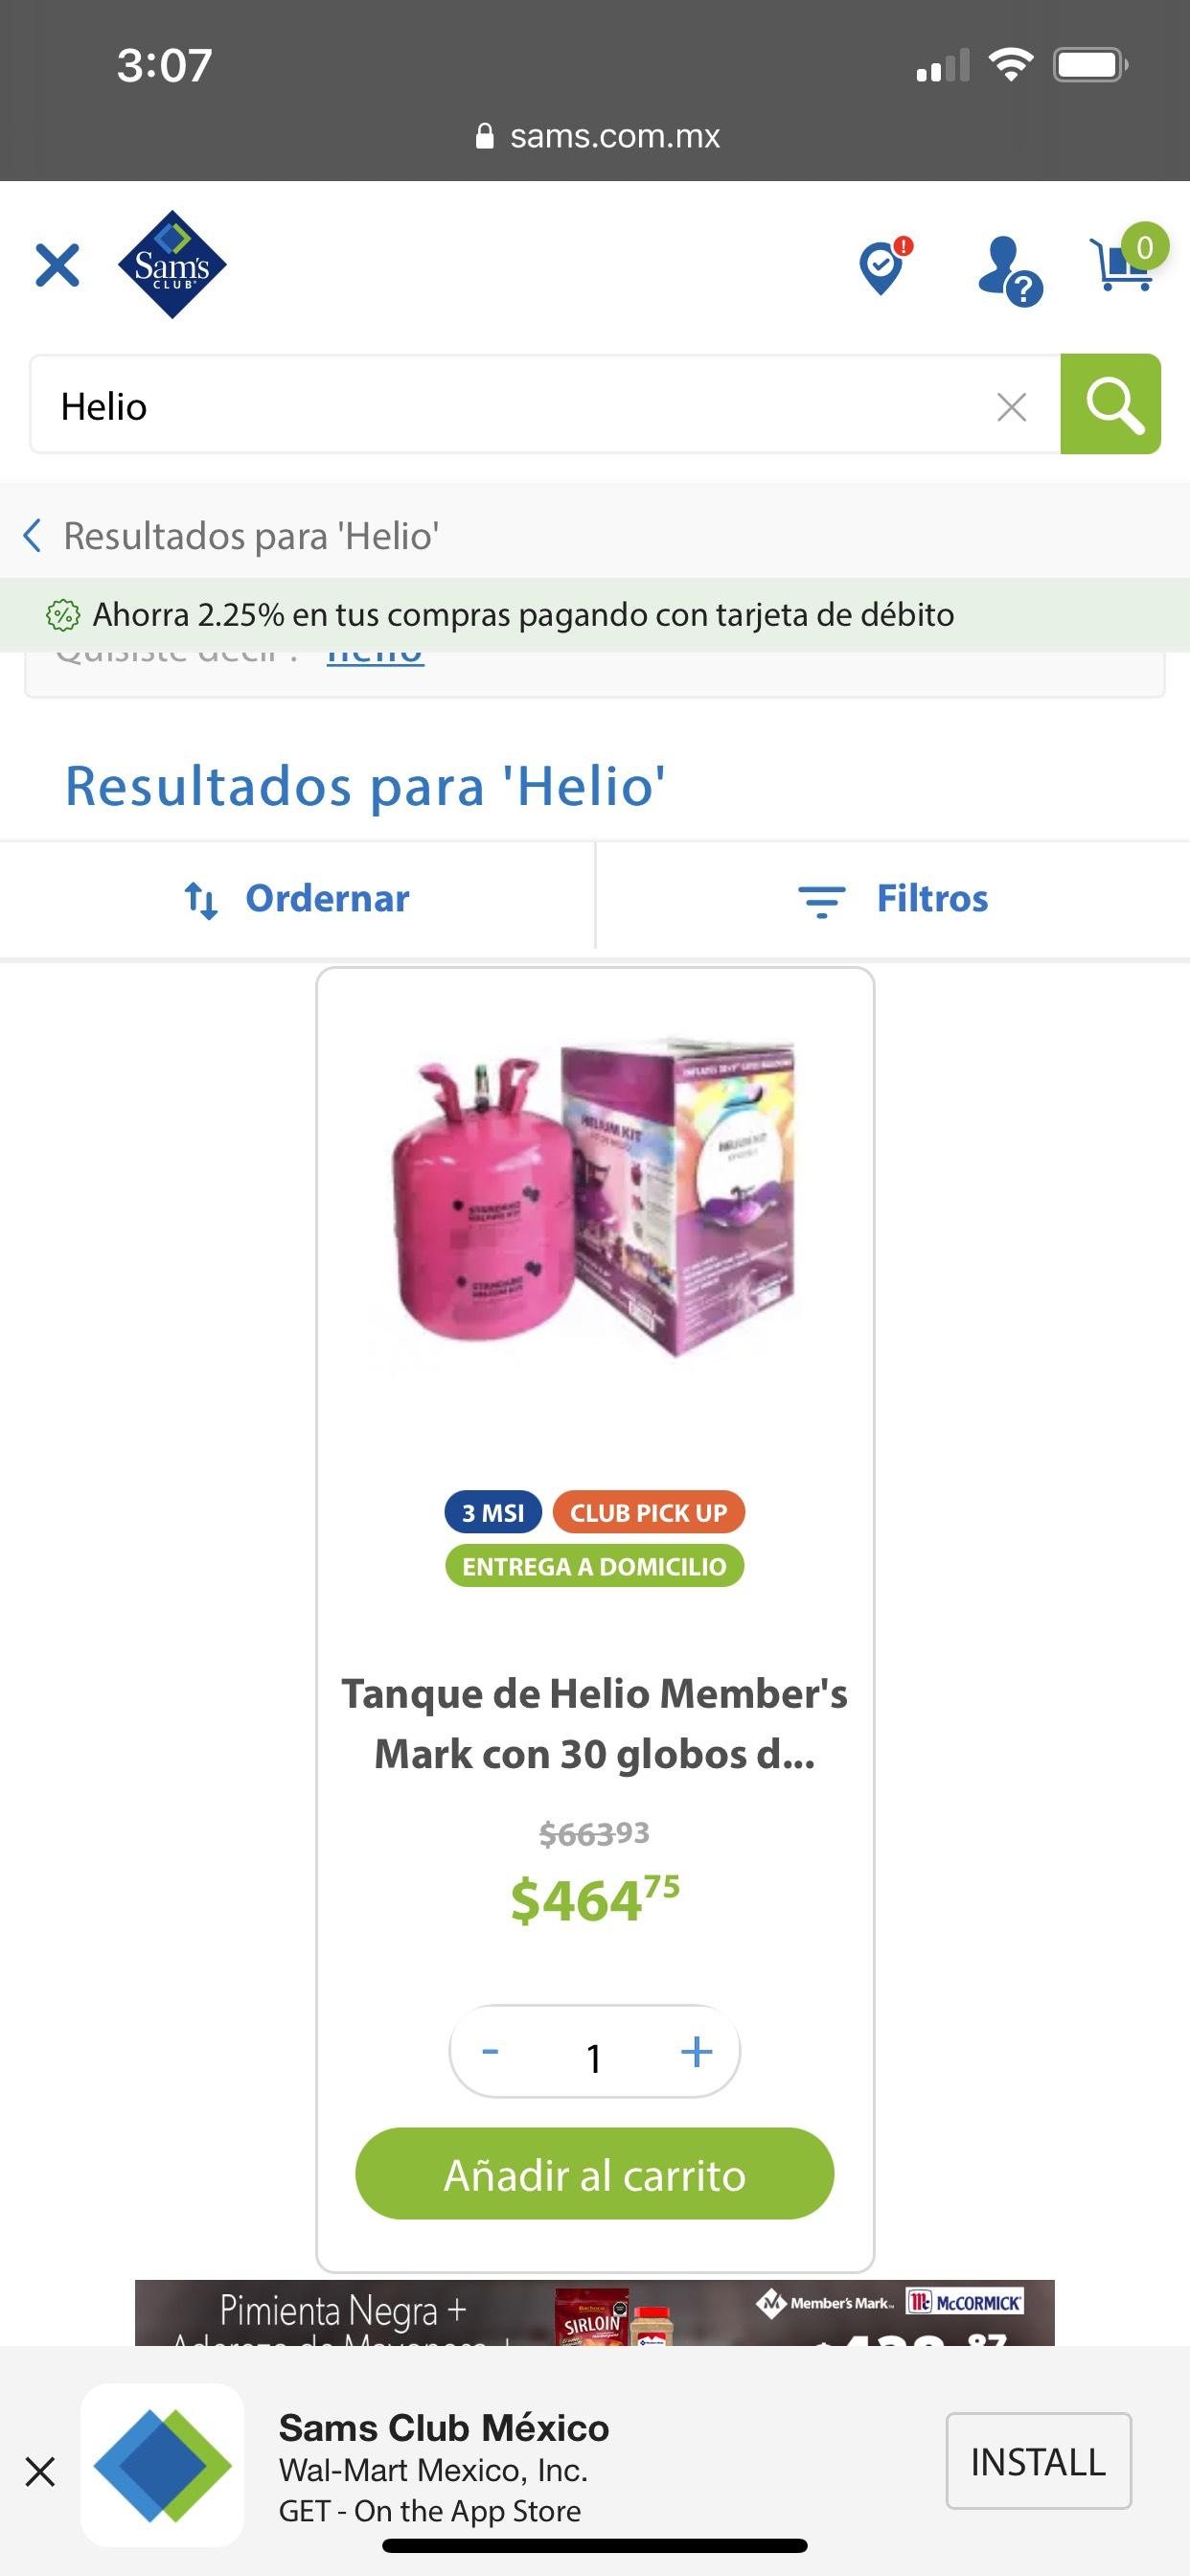 SAMS - Tanque de Helio Member's Mark con 30 globos de latex